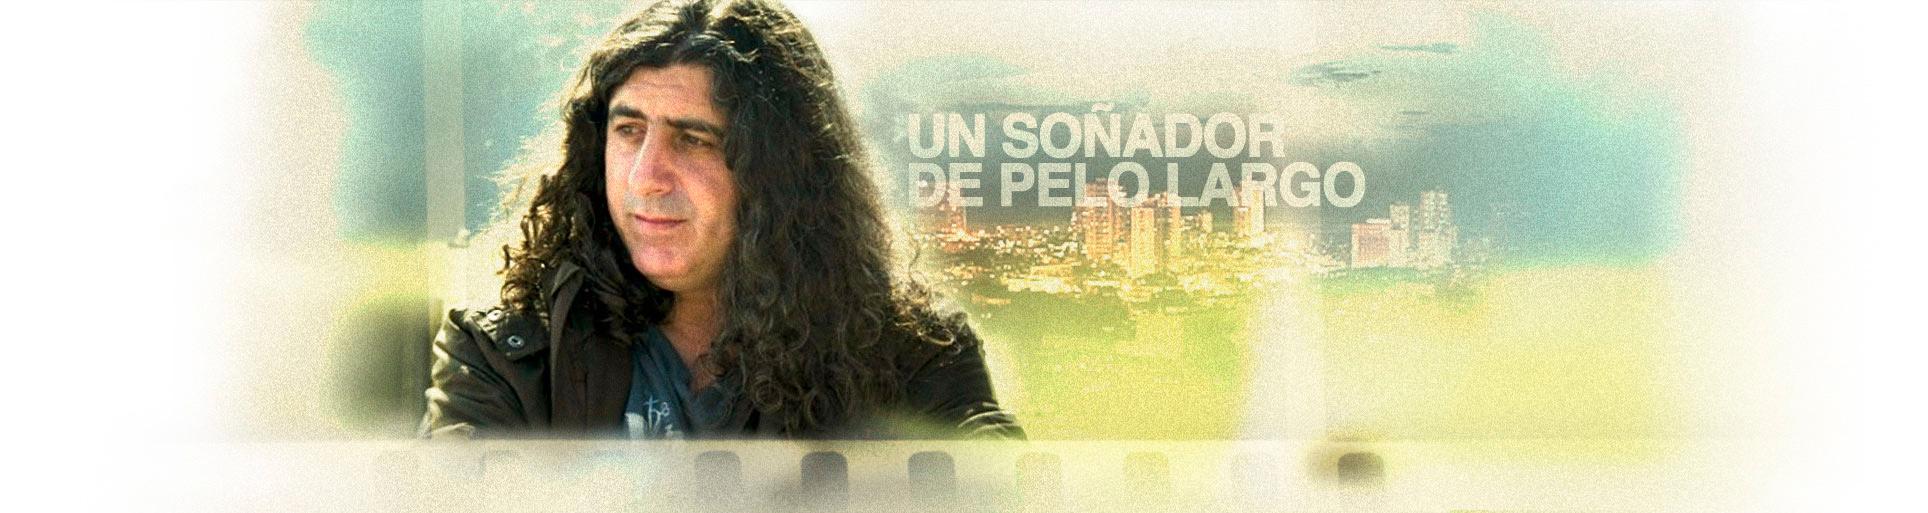 Lilo Vilaplana | Director Cubano